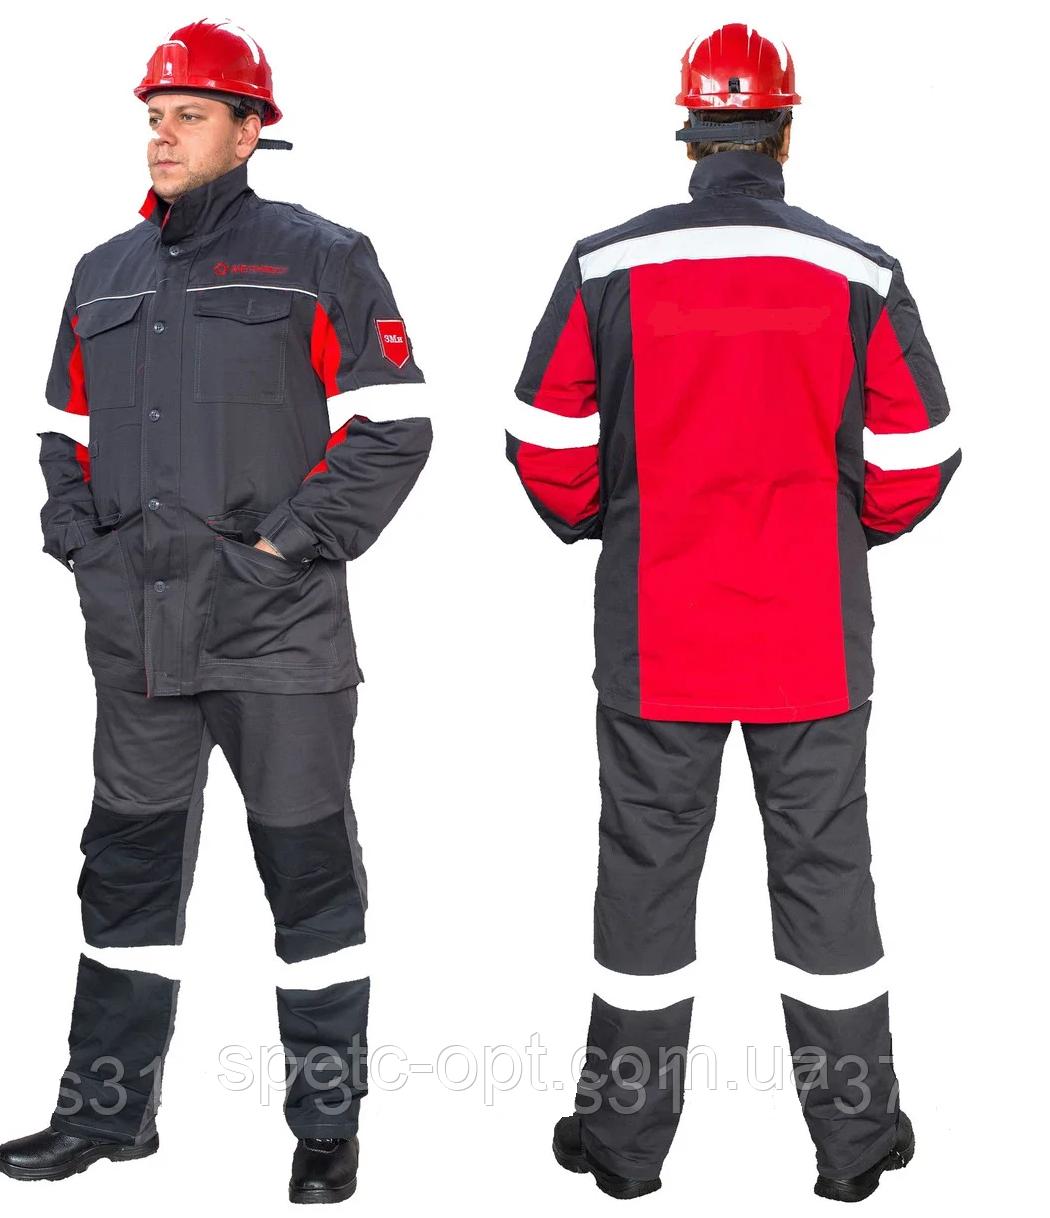 """Костюм рабочий """"МЕТИНВЕСТ"""". Робочий костюм посиленый. Костюм робочий куртка і брюки."""